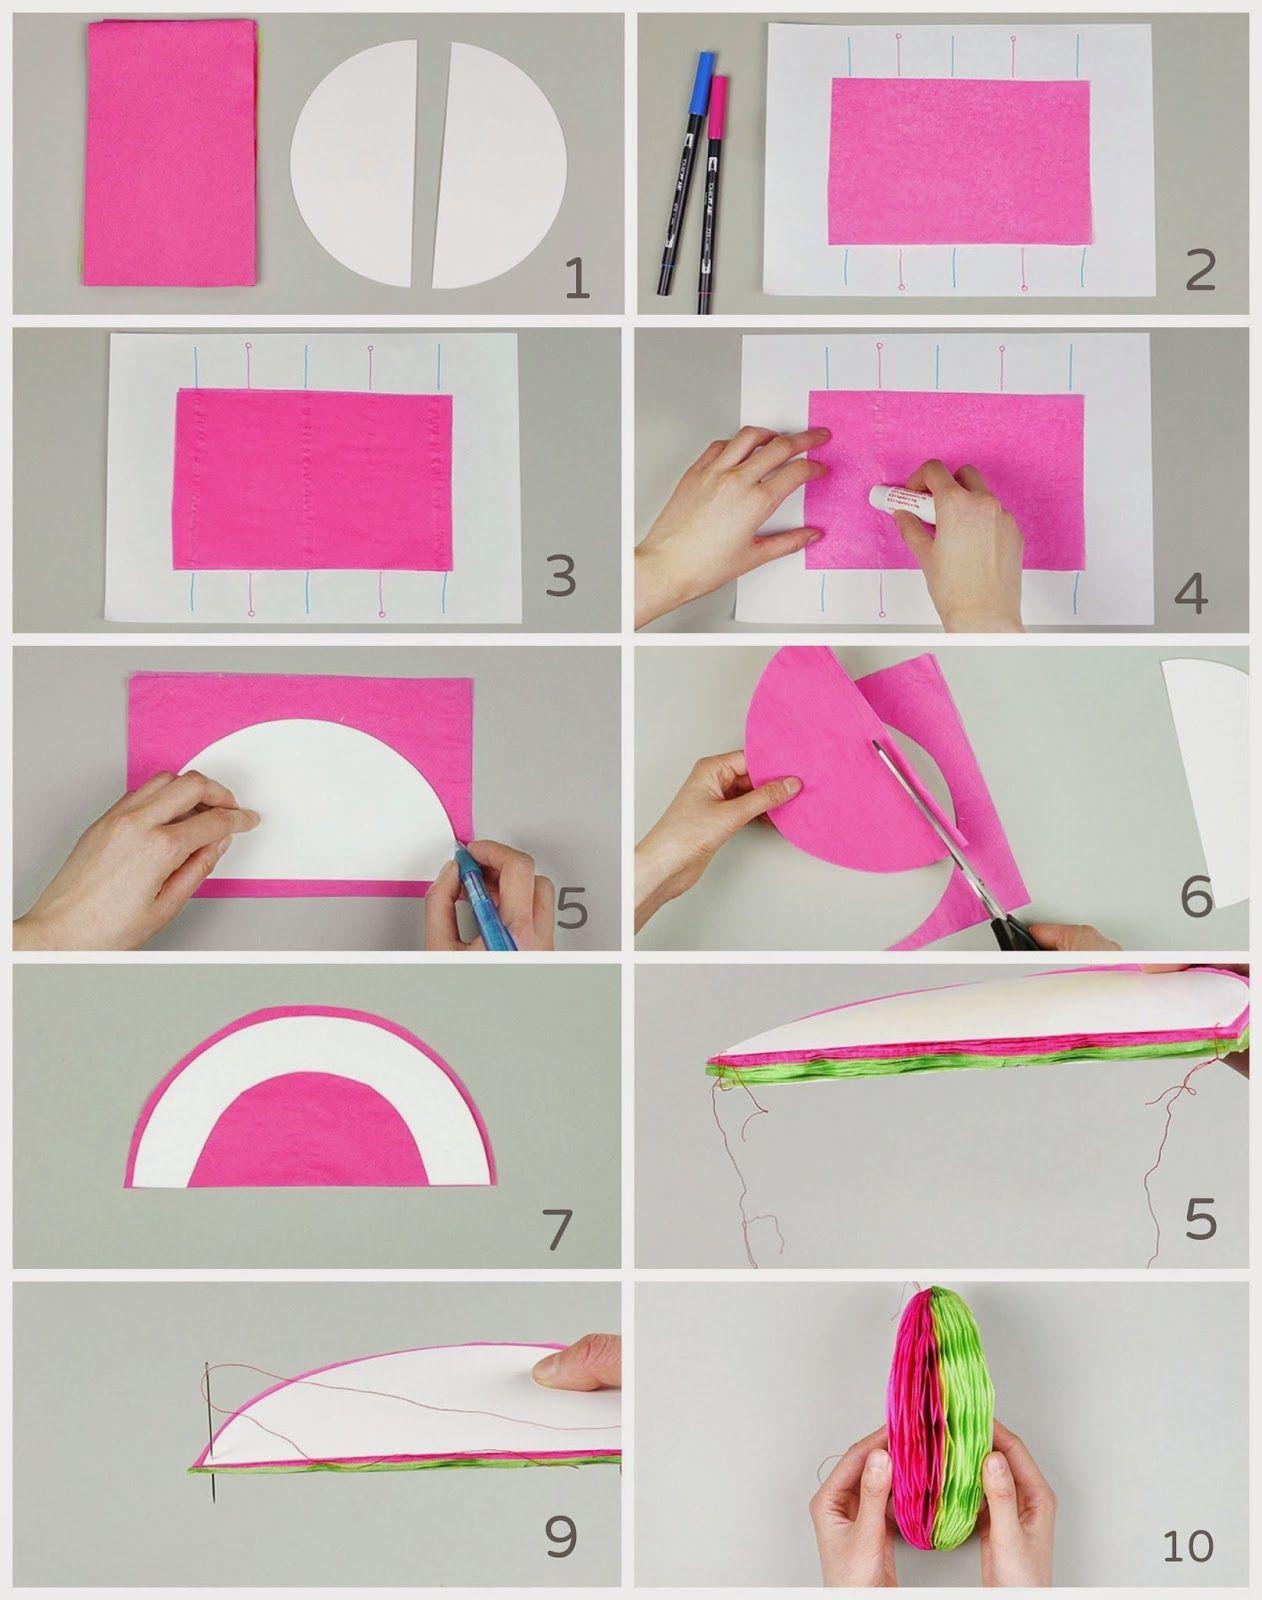 facilisimo manualidades de papel,bolas de nido de abeja - Bing ...